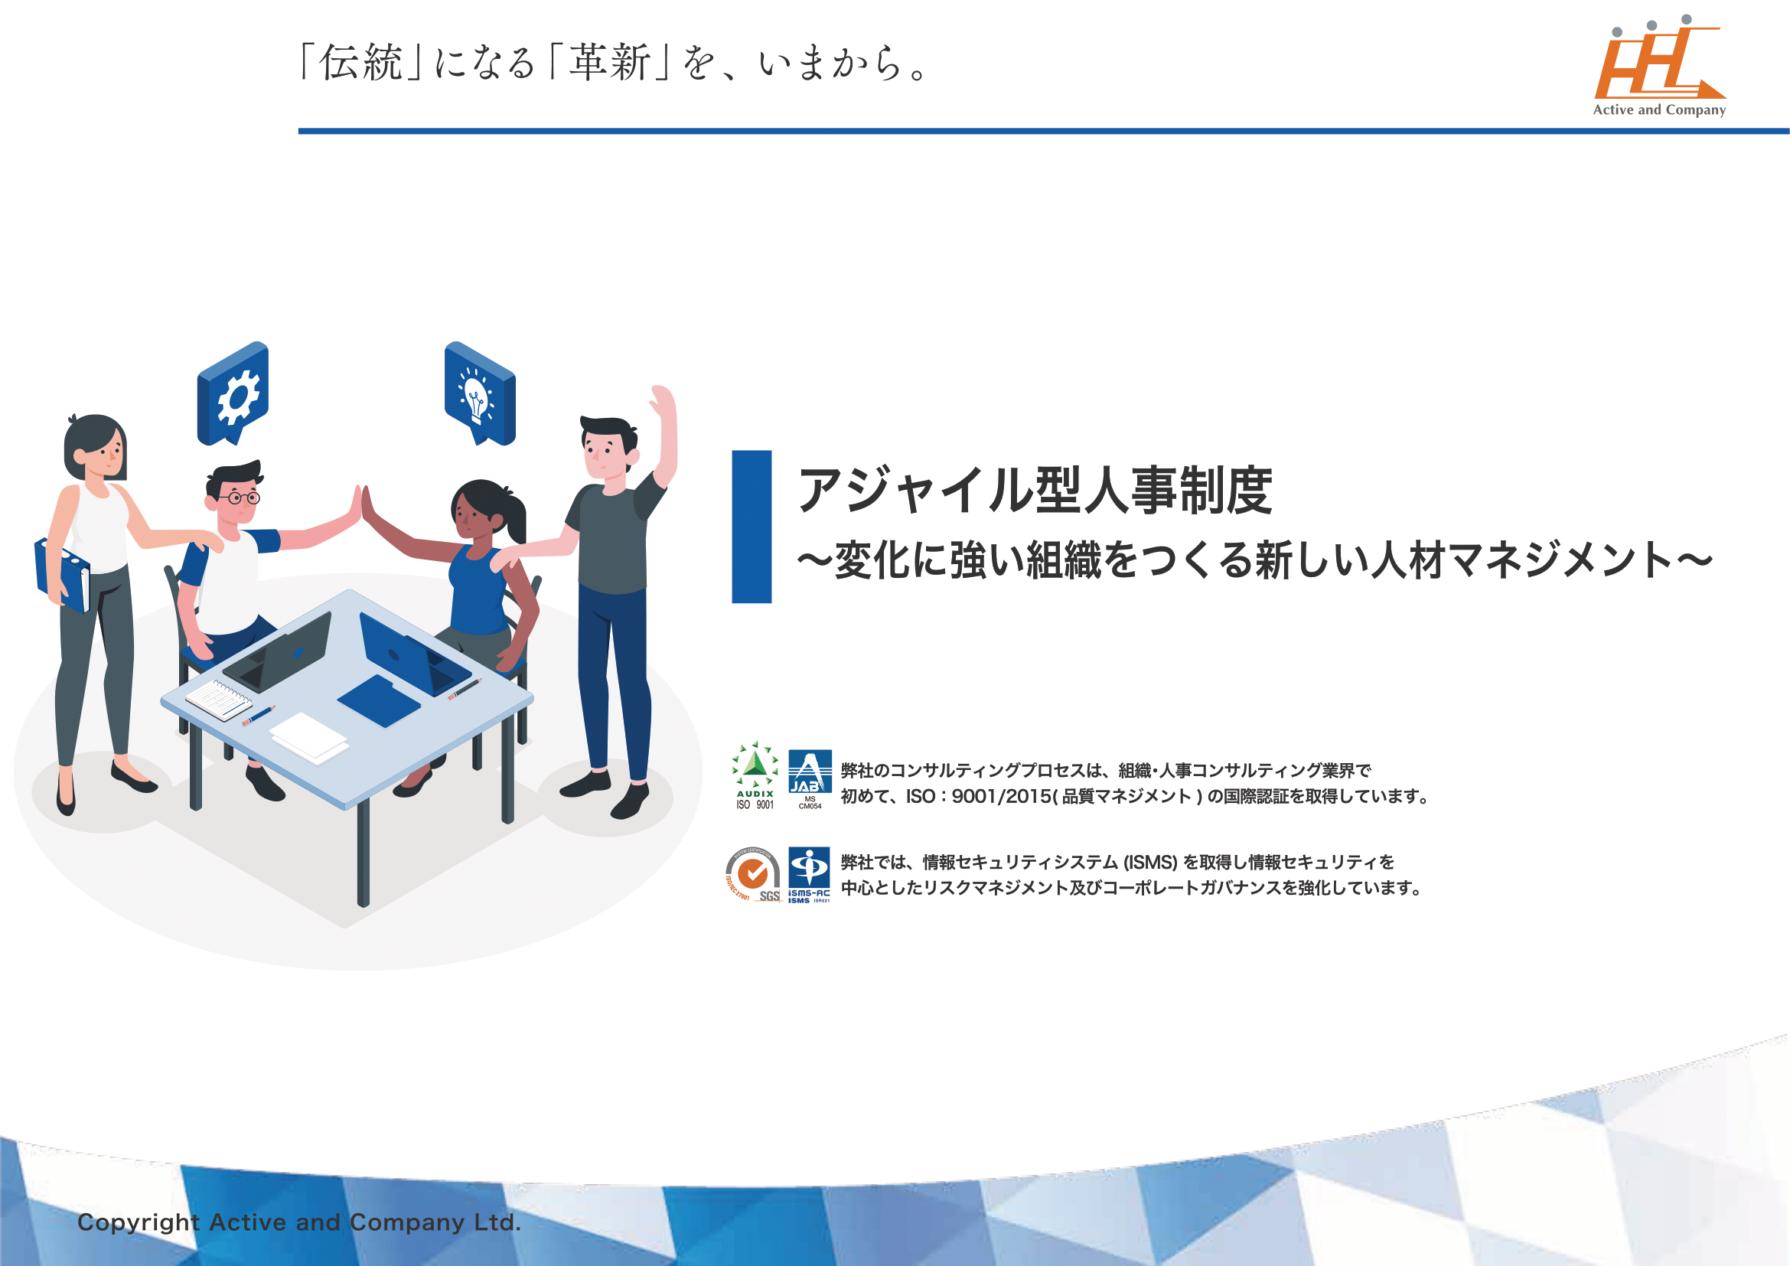 アジャイル型人事制度~変化に強い組織をつくる新しい人材マネジメント~